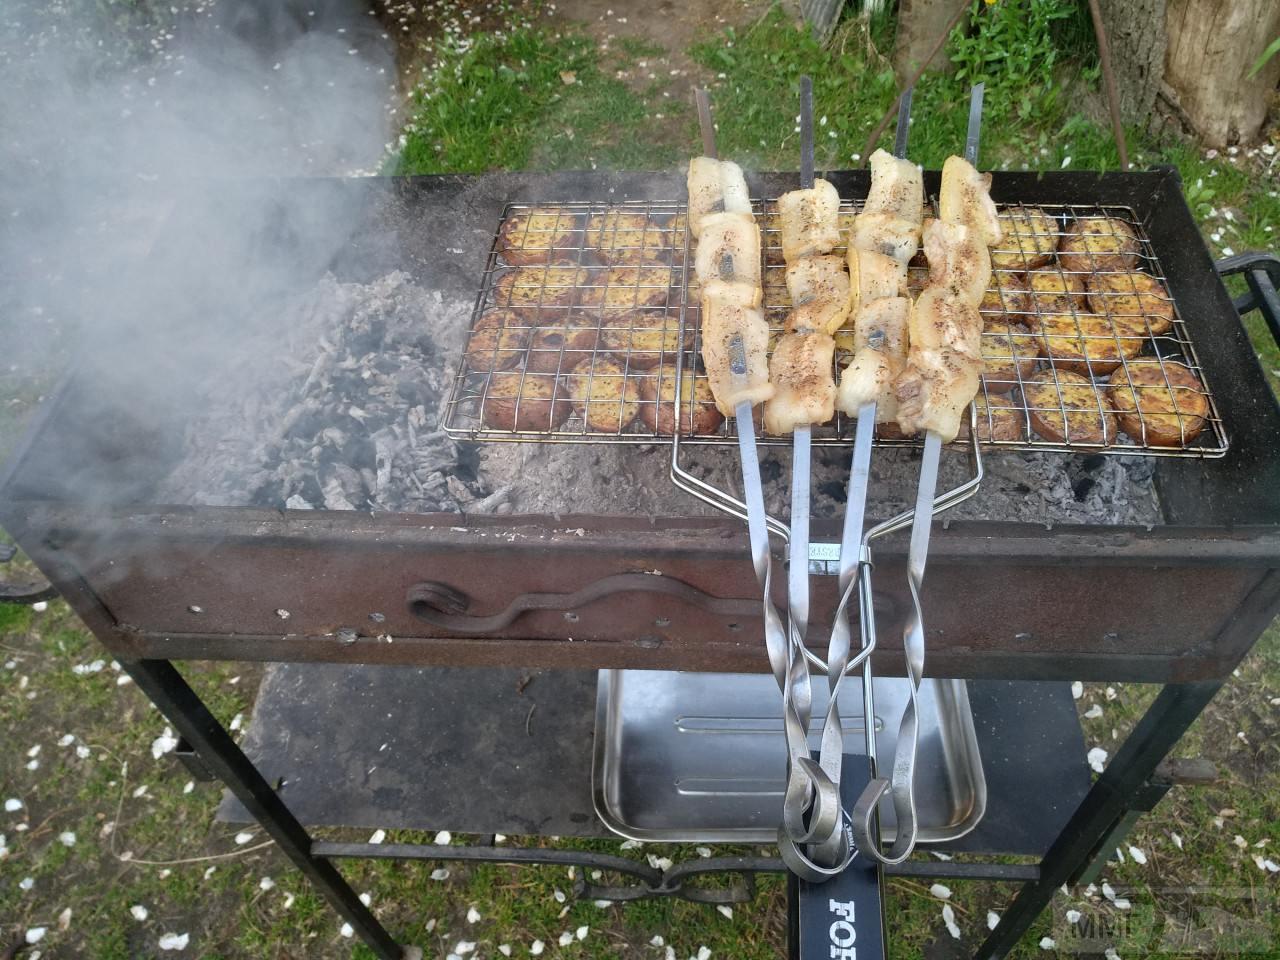 101274 - Закуски на огне (мангал, барбекю и т.д.) и кулинария вообще. Советы и рецепты.